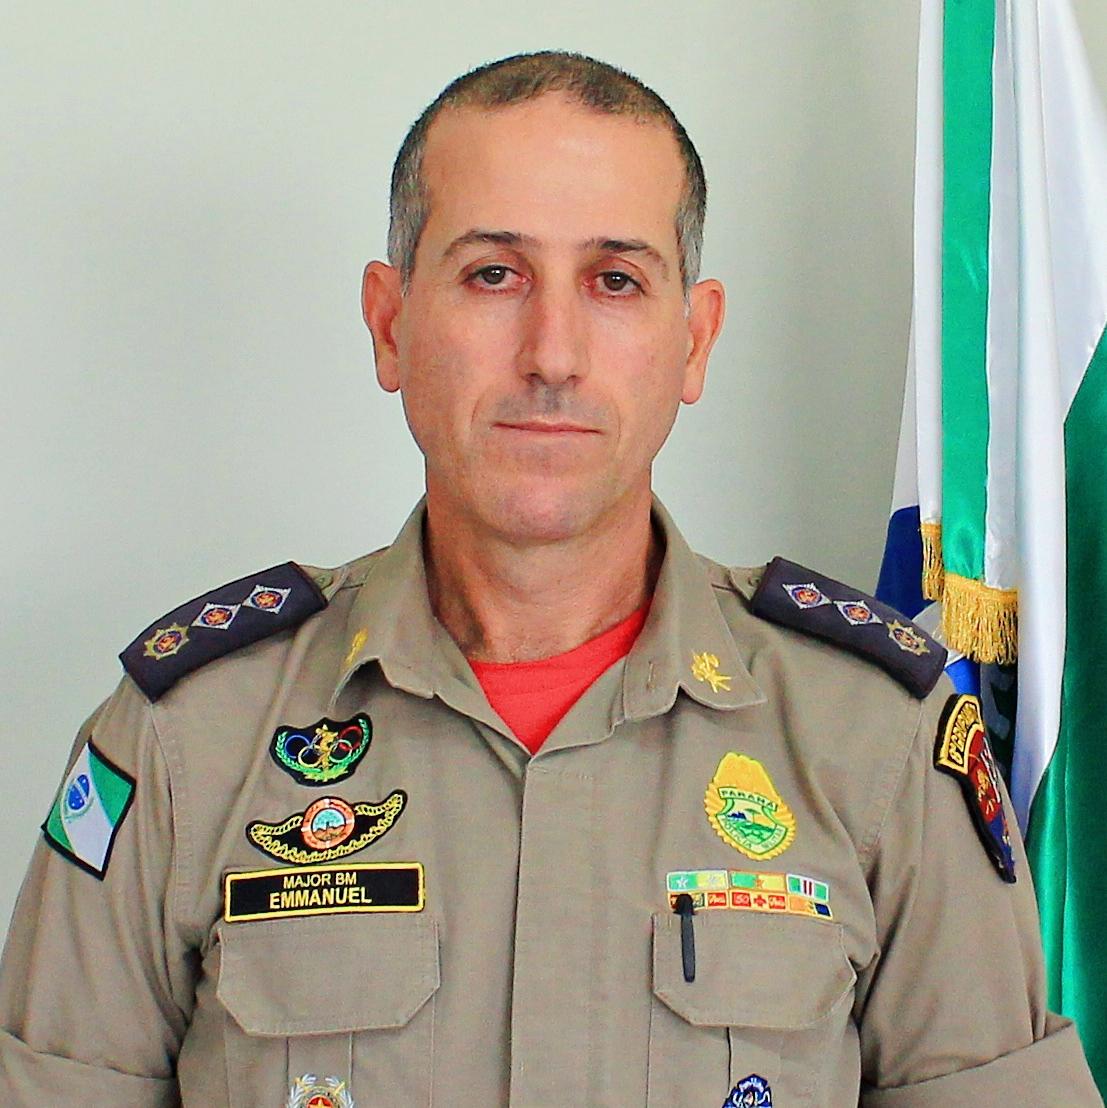 Major QOBM Jonas Emmanuel Benghi Pinto